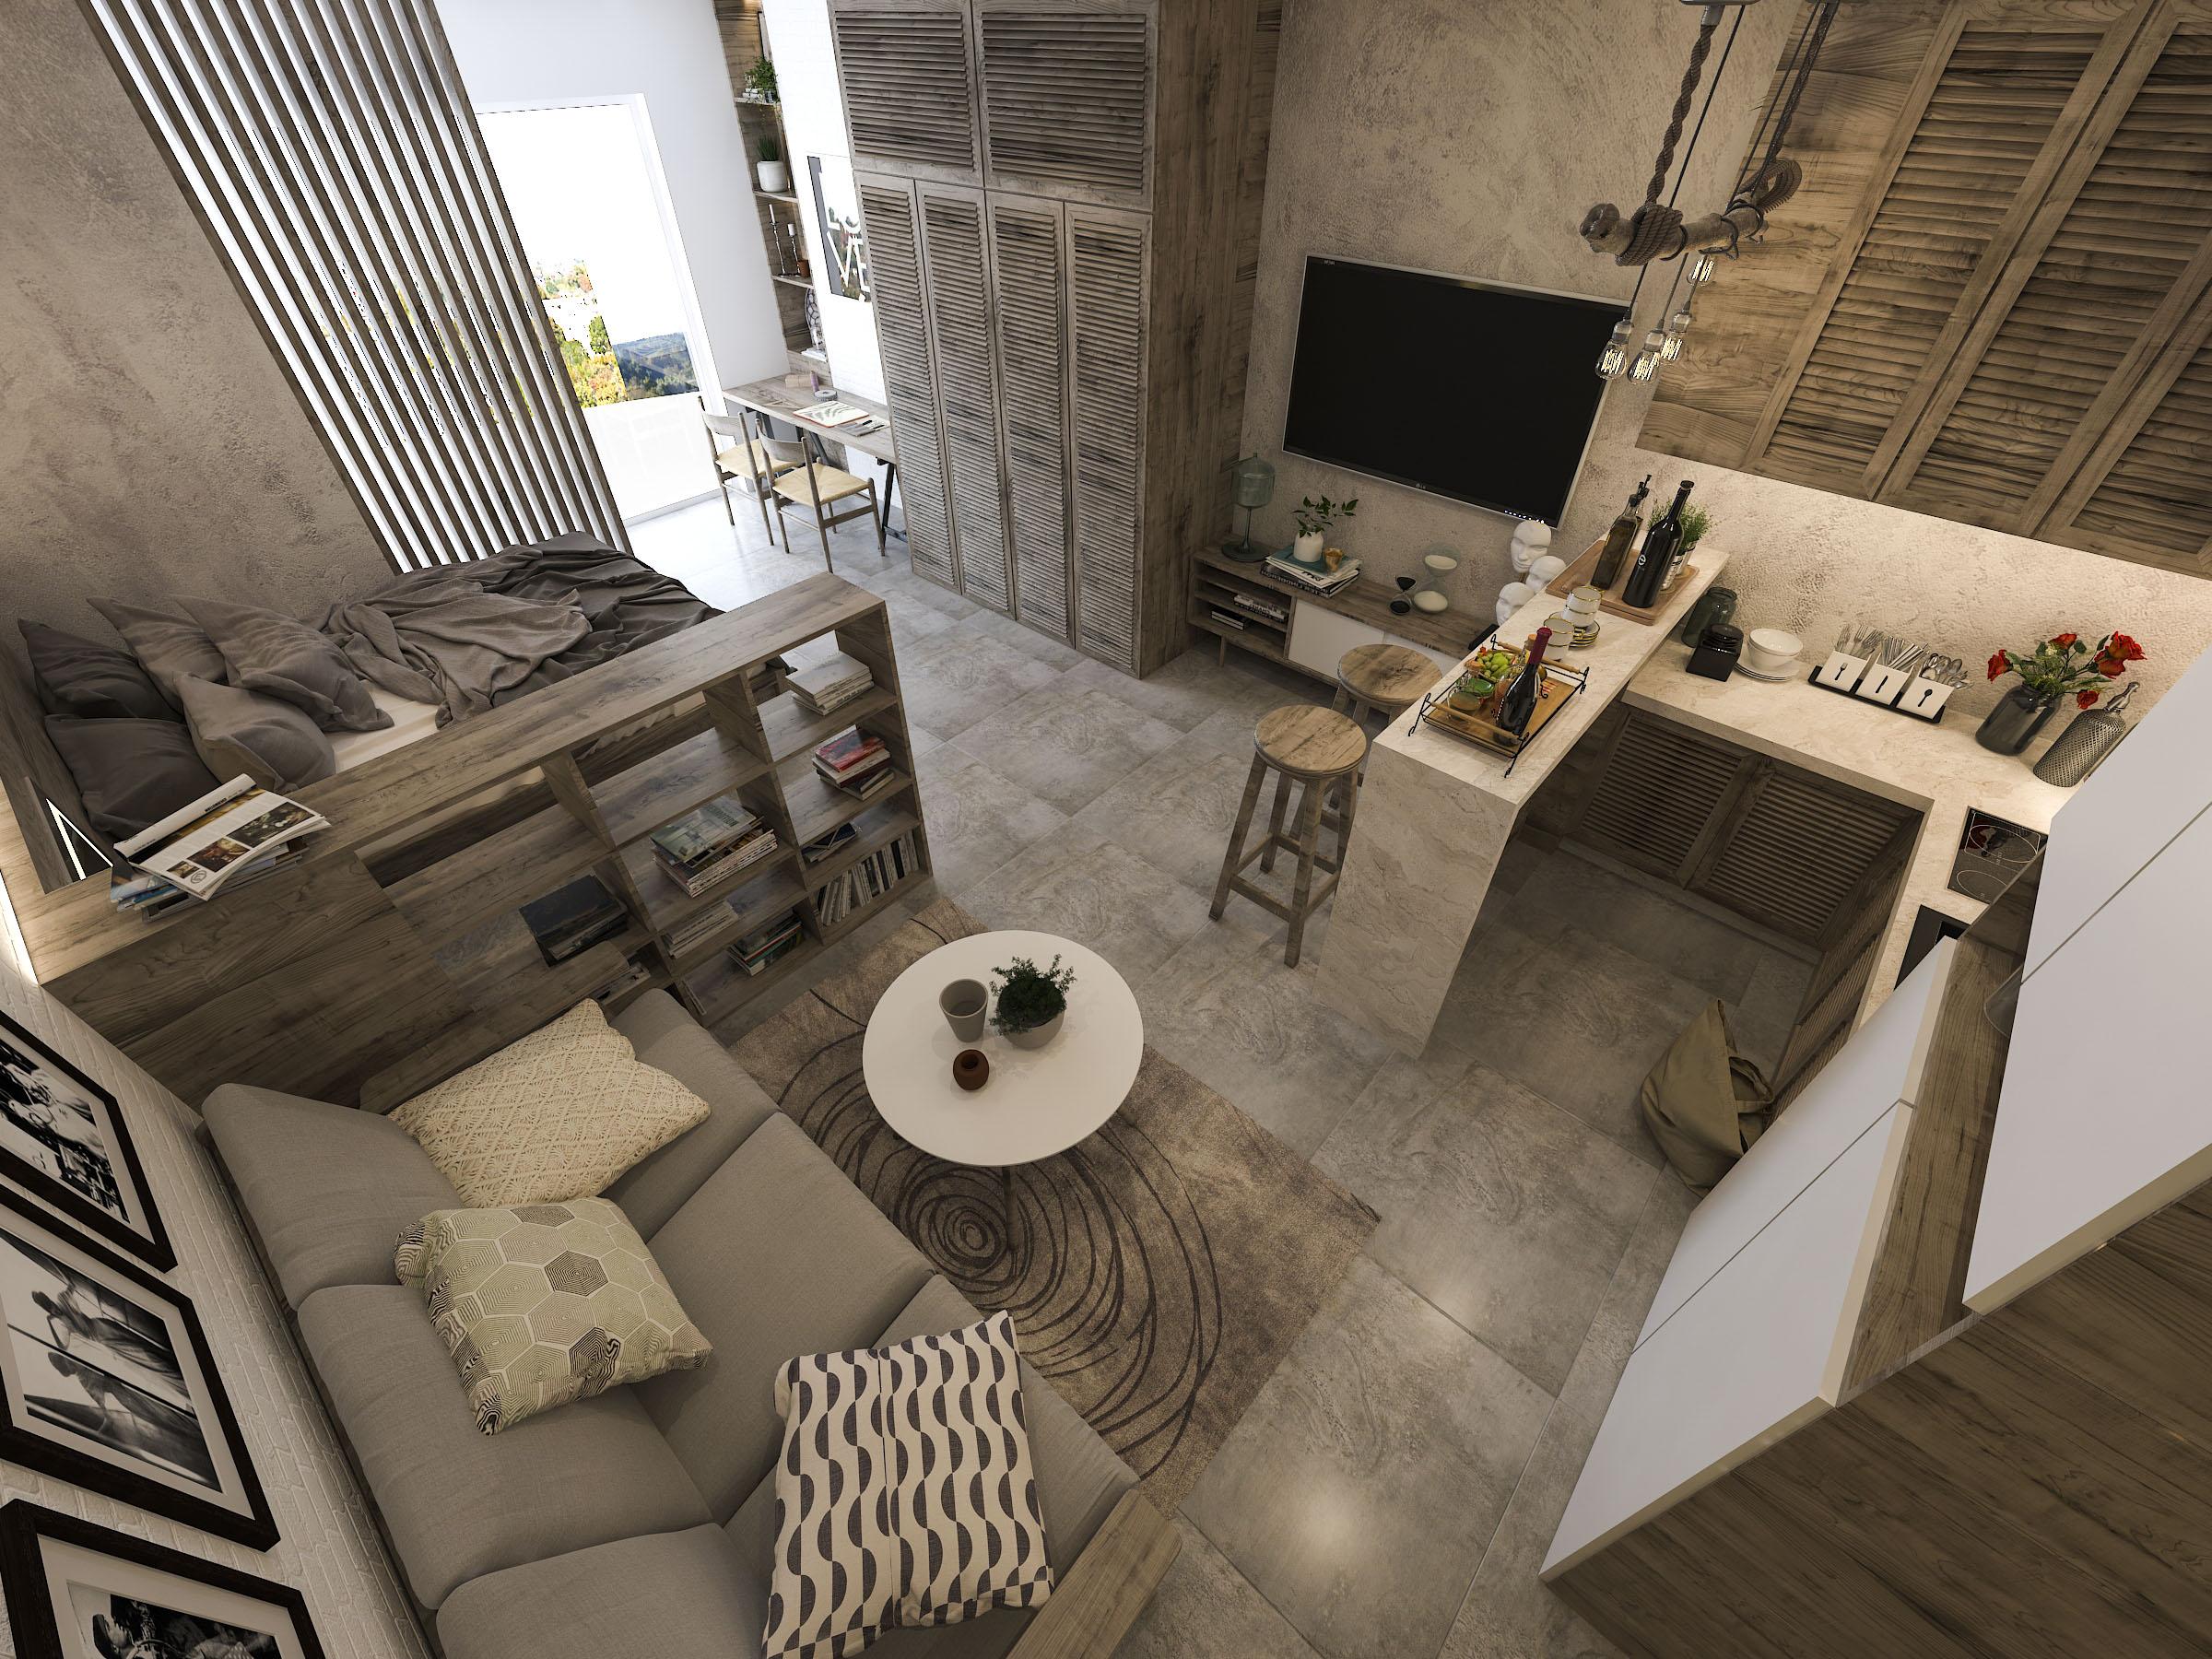 thiết kế nội thất chung cư tại Hồ Chí Minh Mr. Nam Apartment 12 1562984057